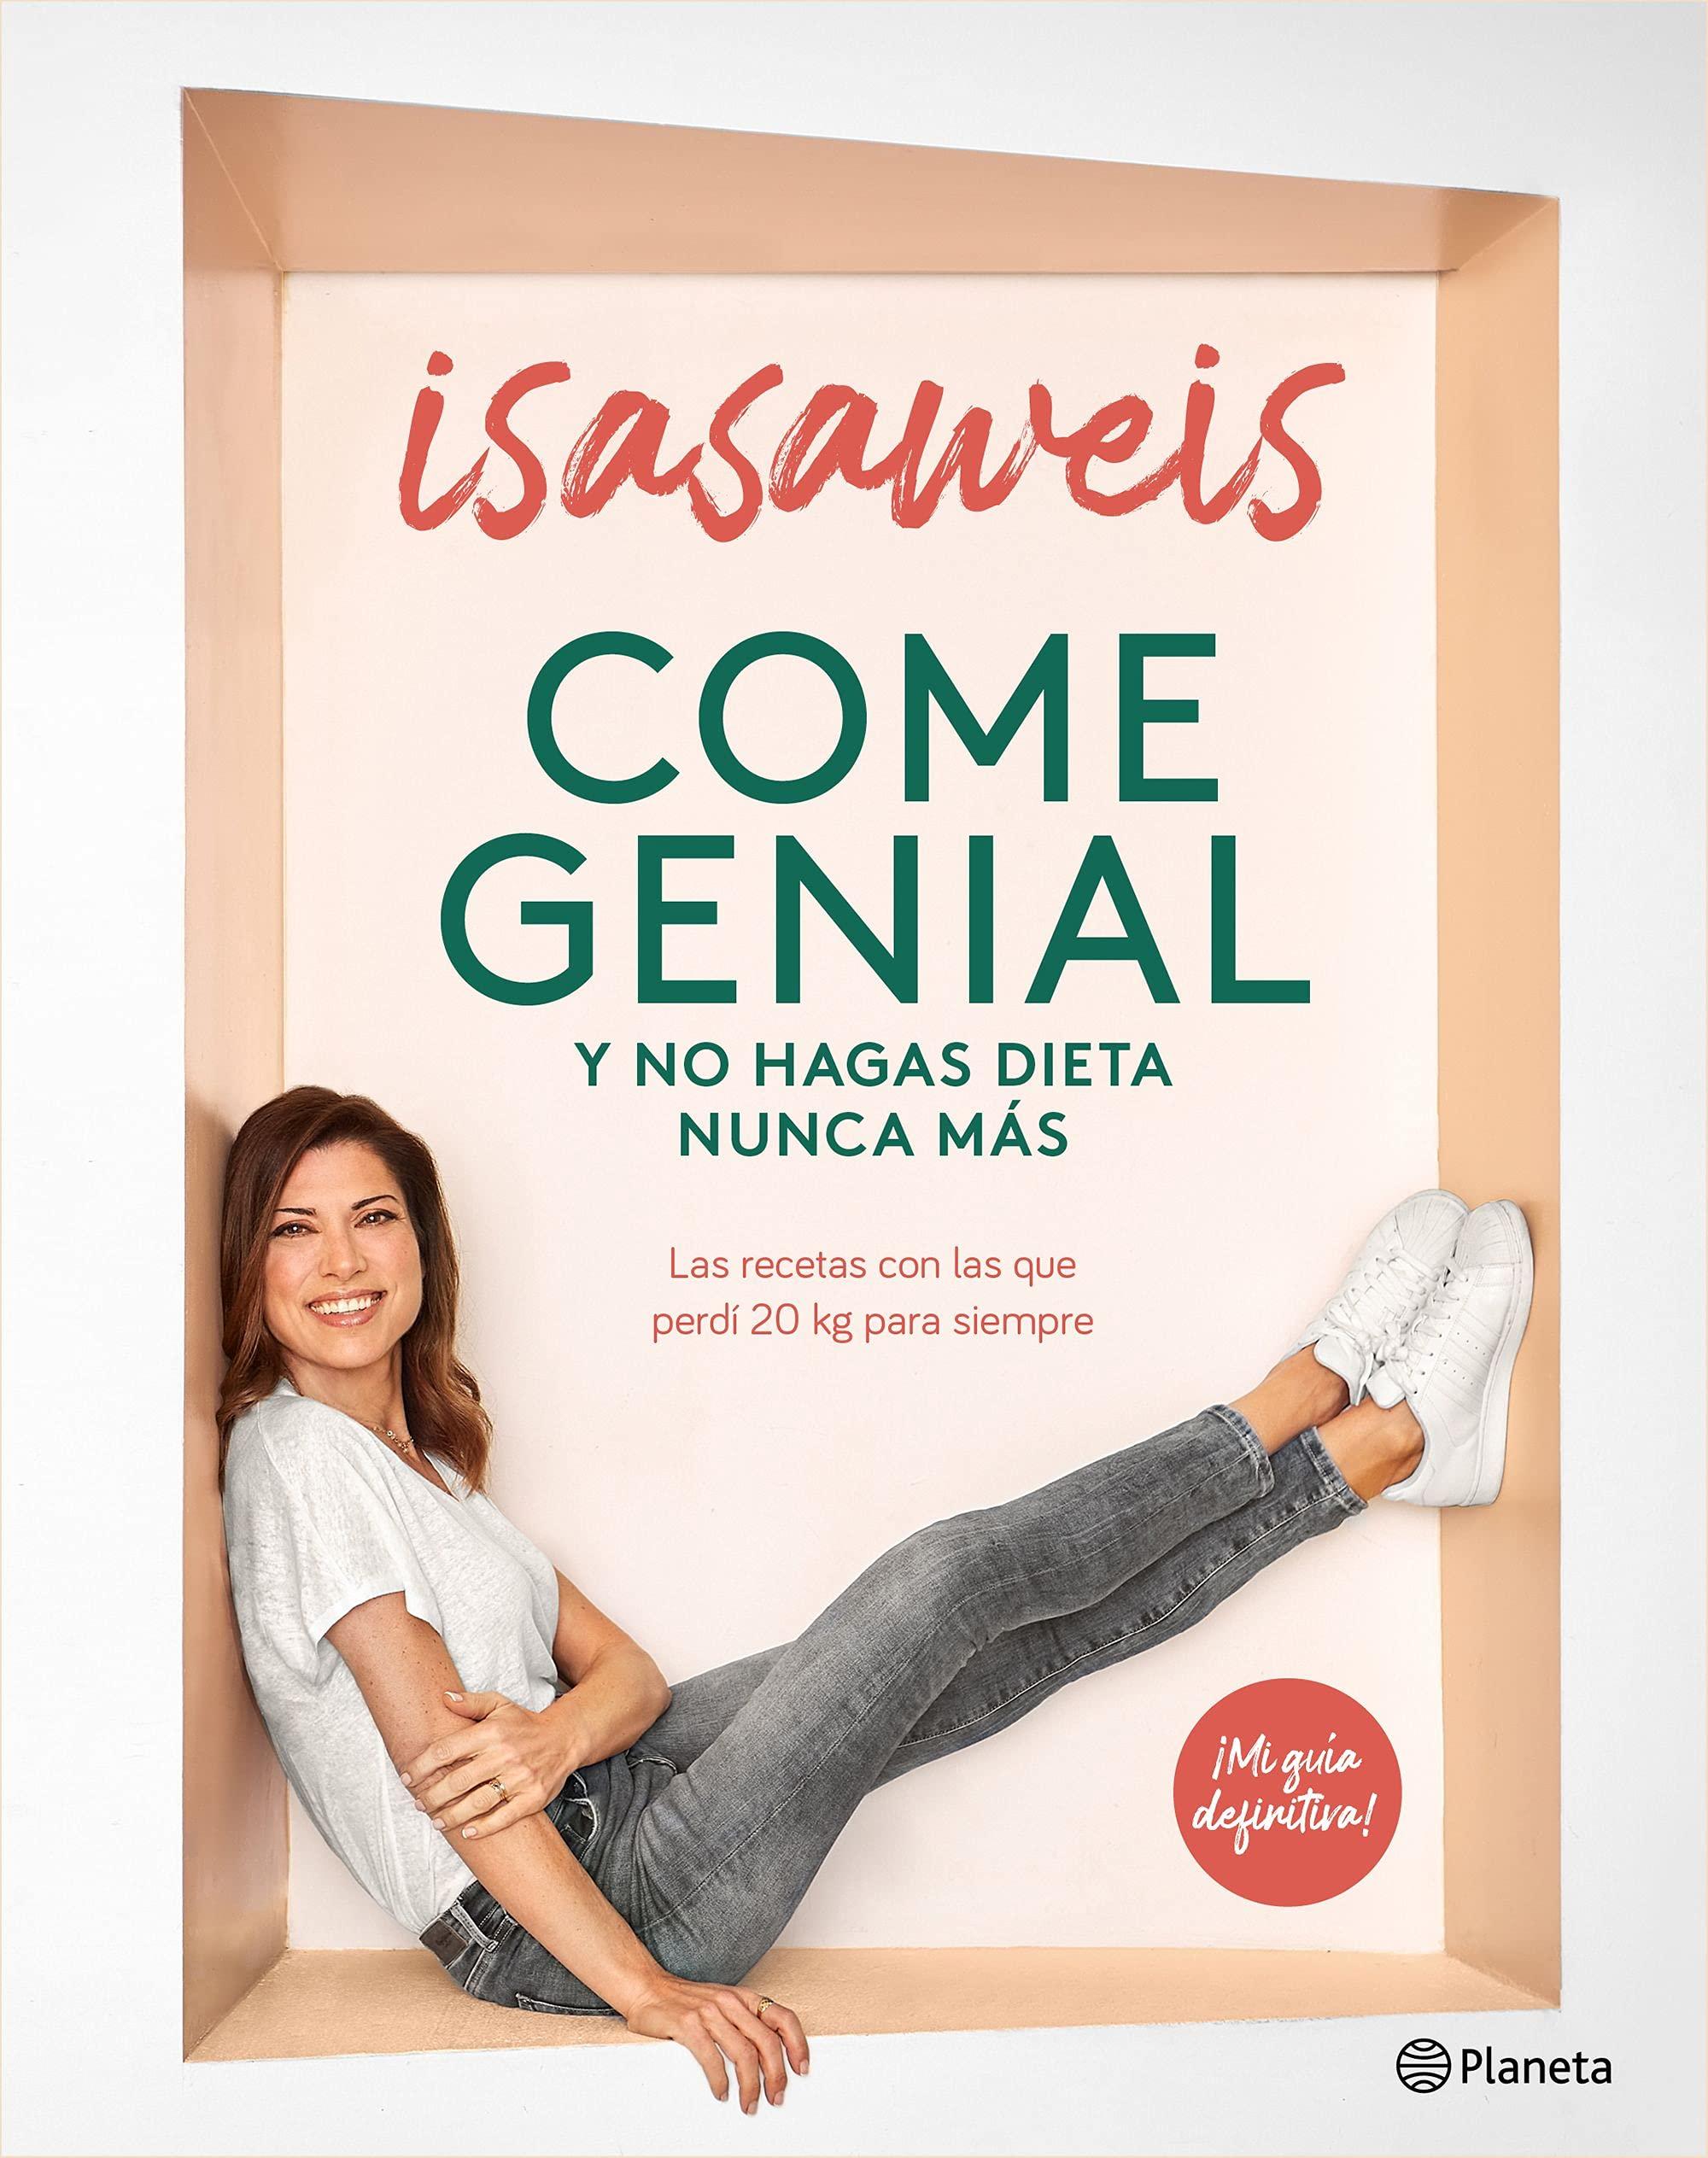 Come genial y no hagas dieta nunca más, de Isasaweis